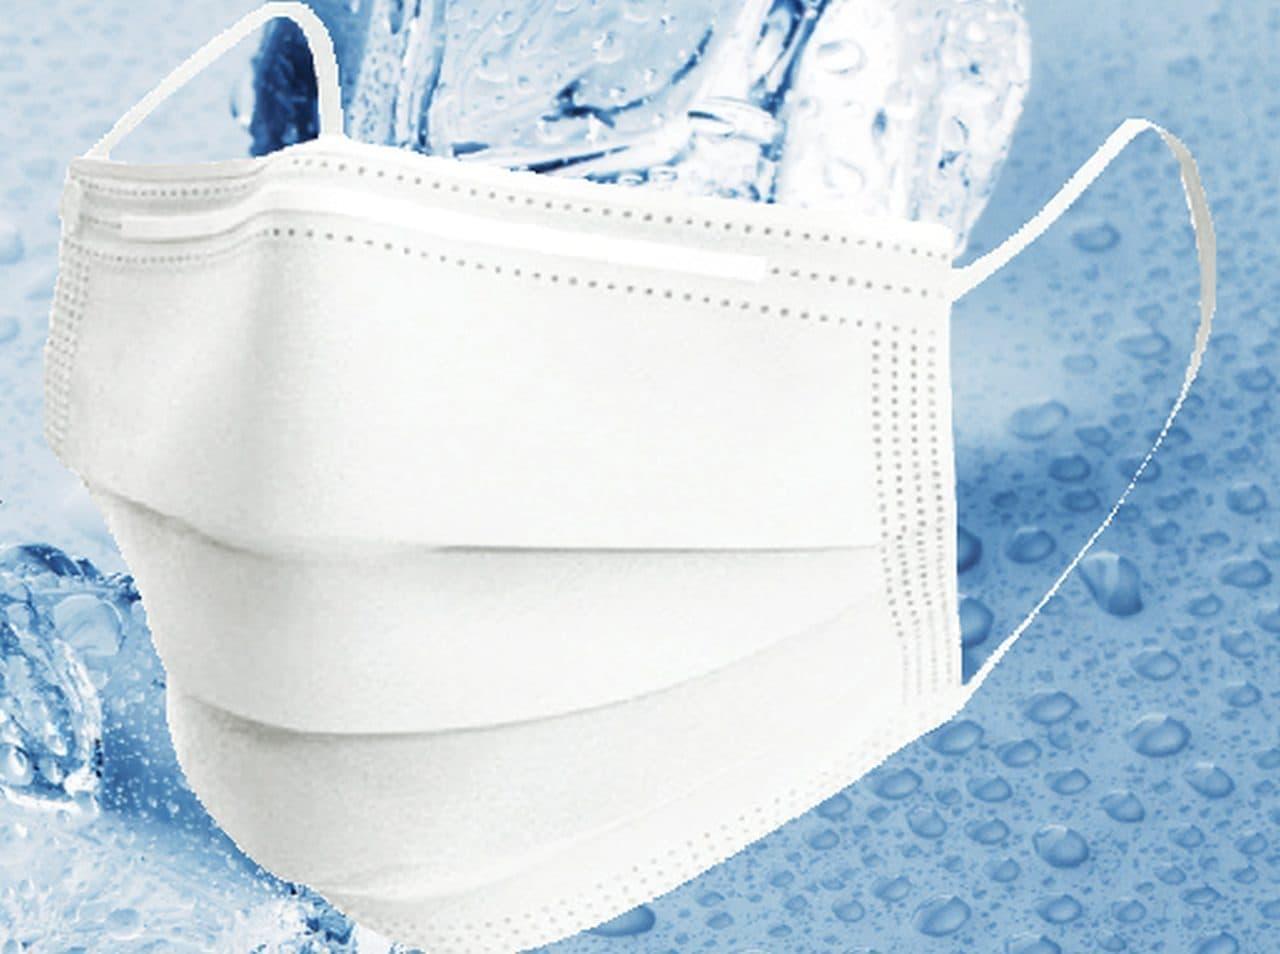 使い捨て不織布マスク なのに接触冷感!「超冷感 COLD MASK -F Type-(不織布使い捨てタイプ)」追加予約販売開始